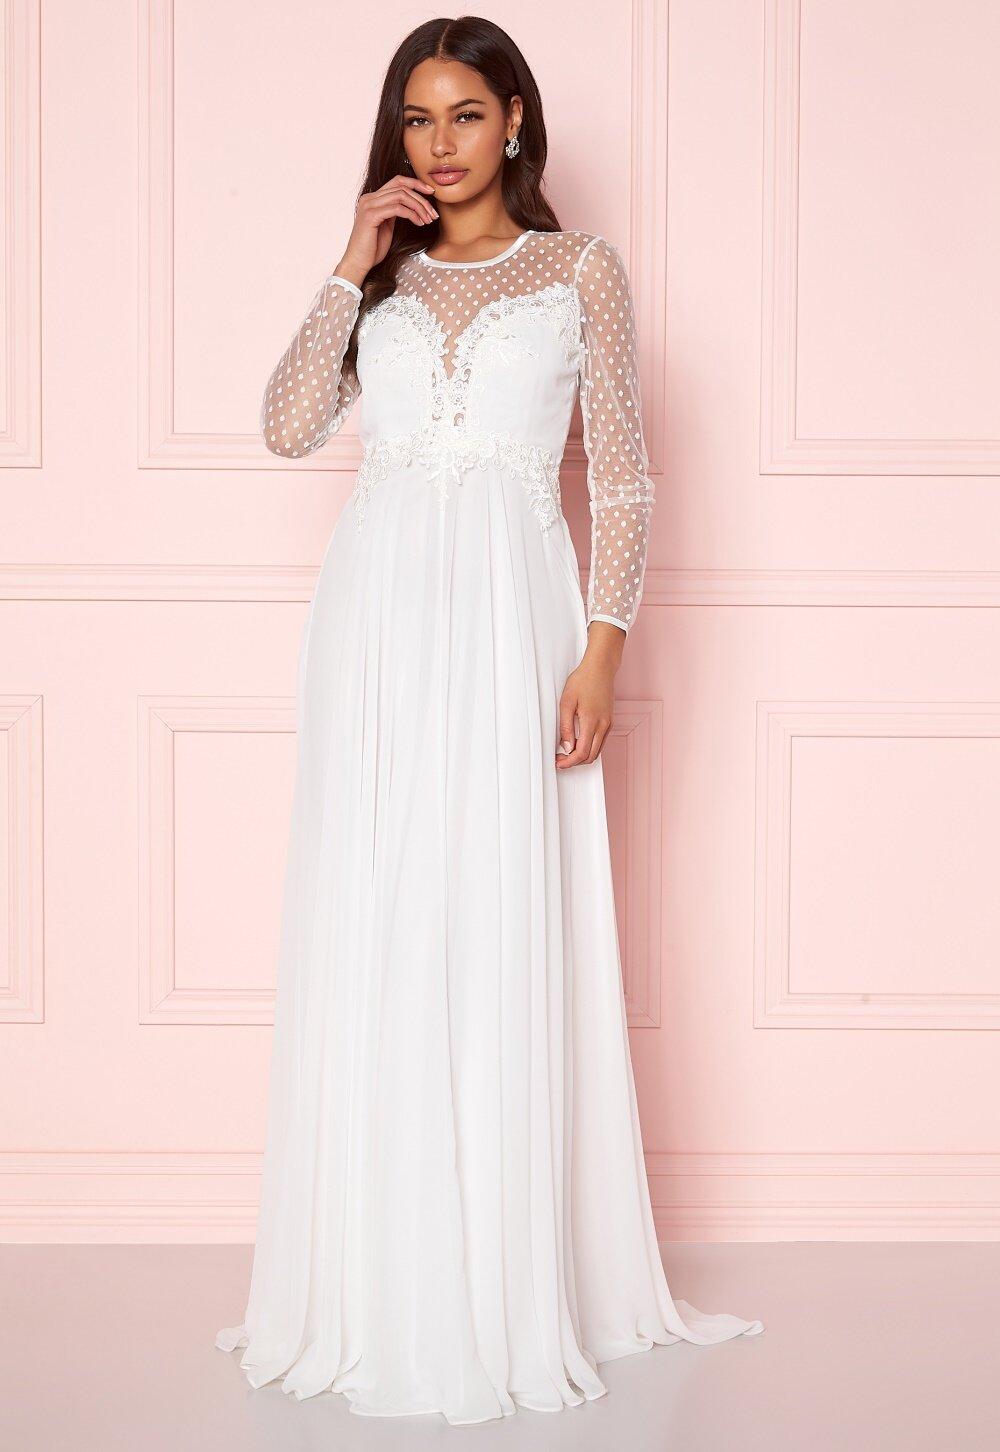 Vit bröllopsklänning med spets och långa ärmar.